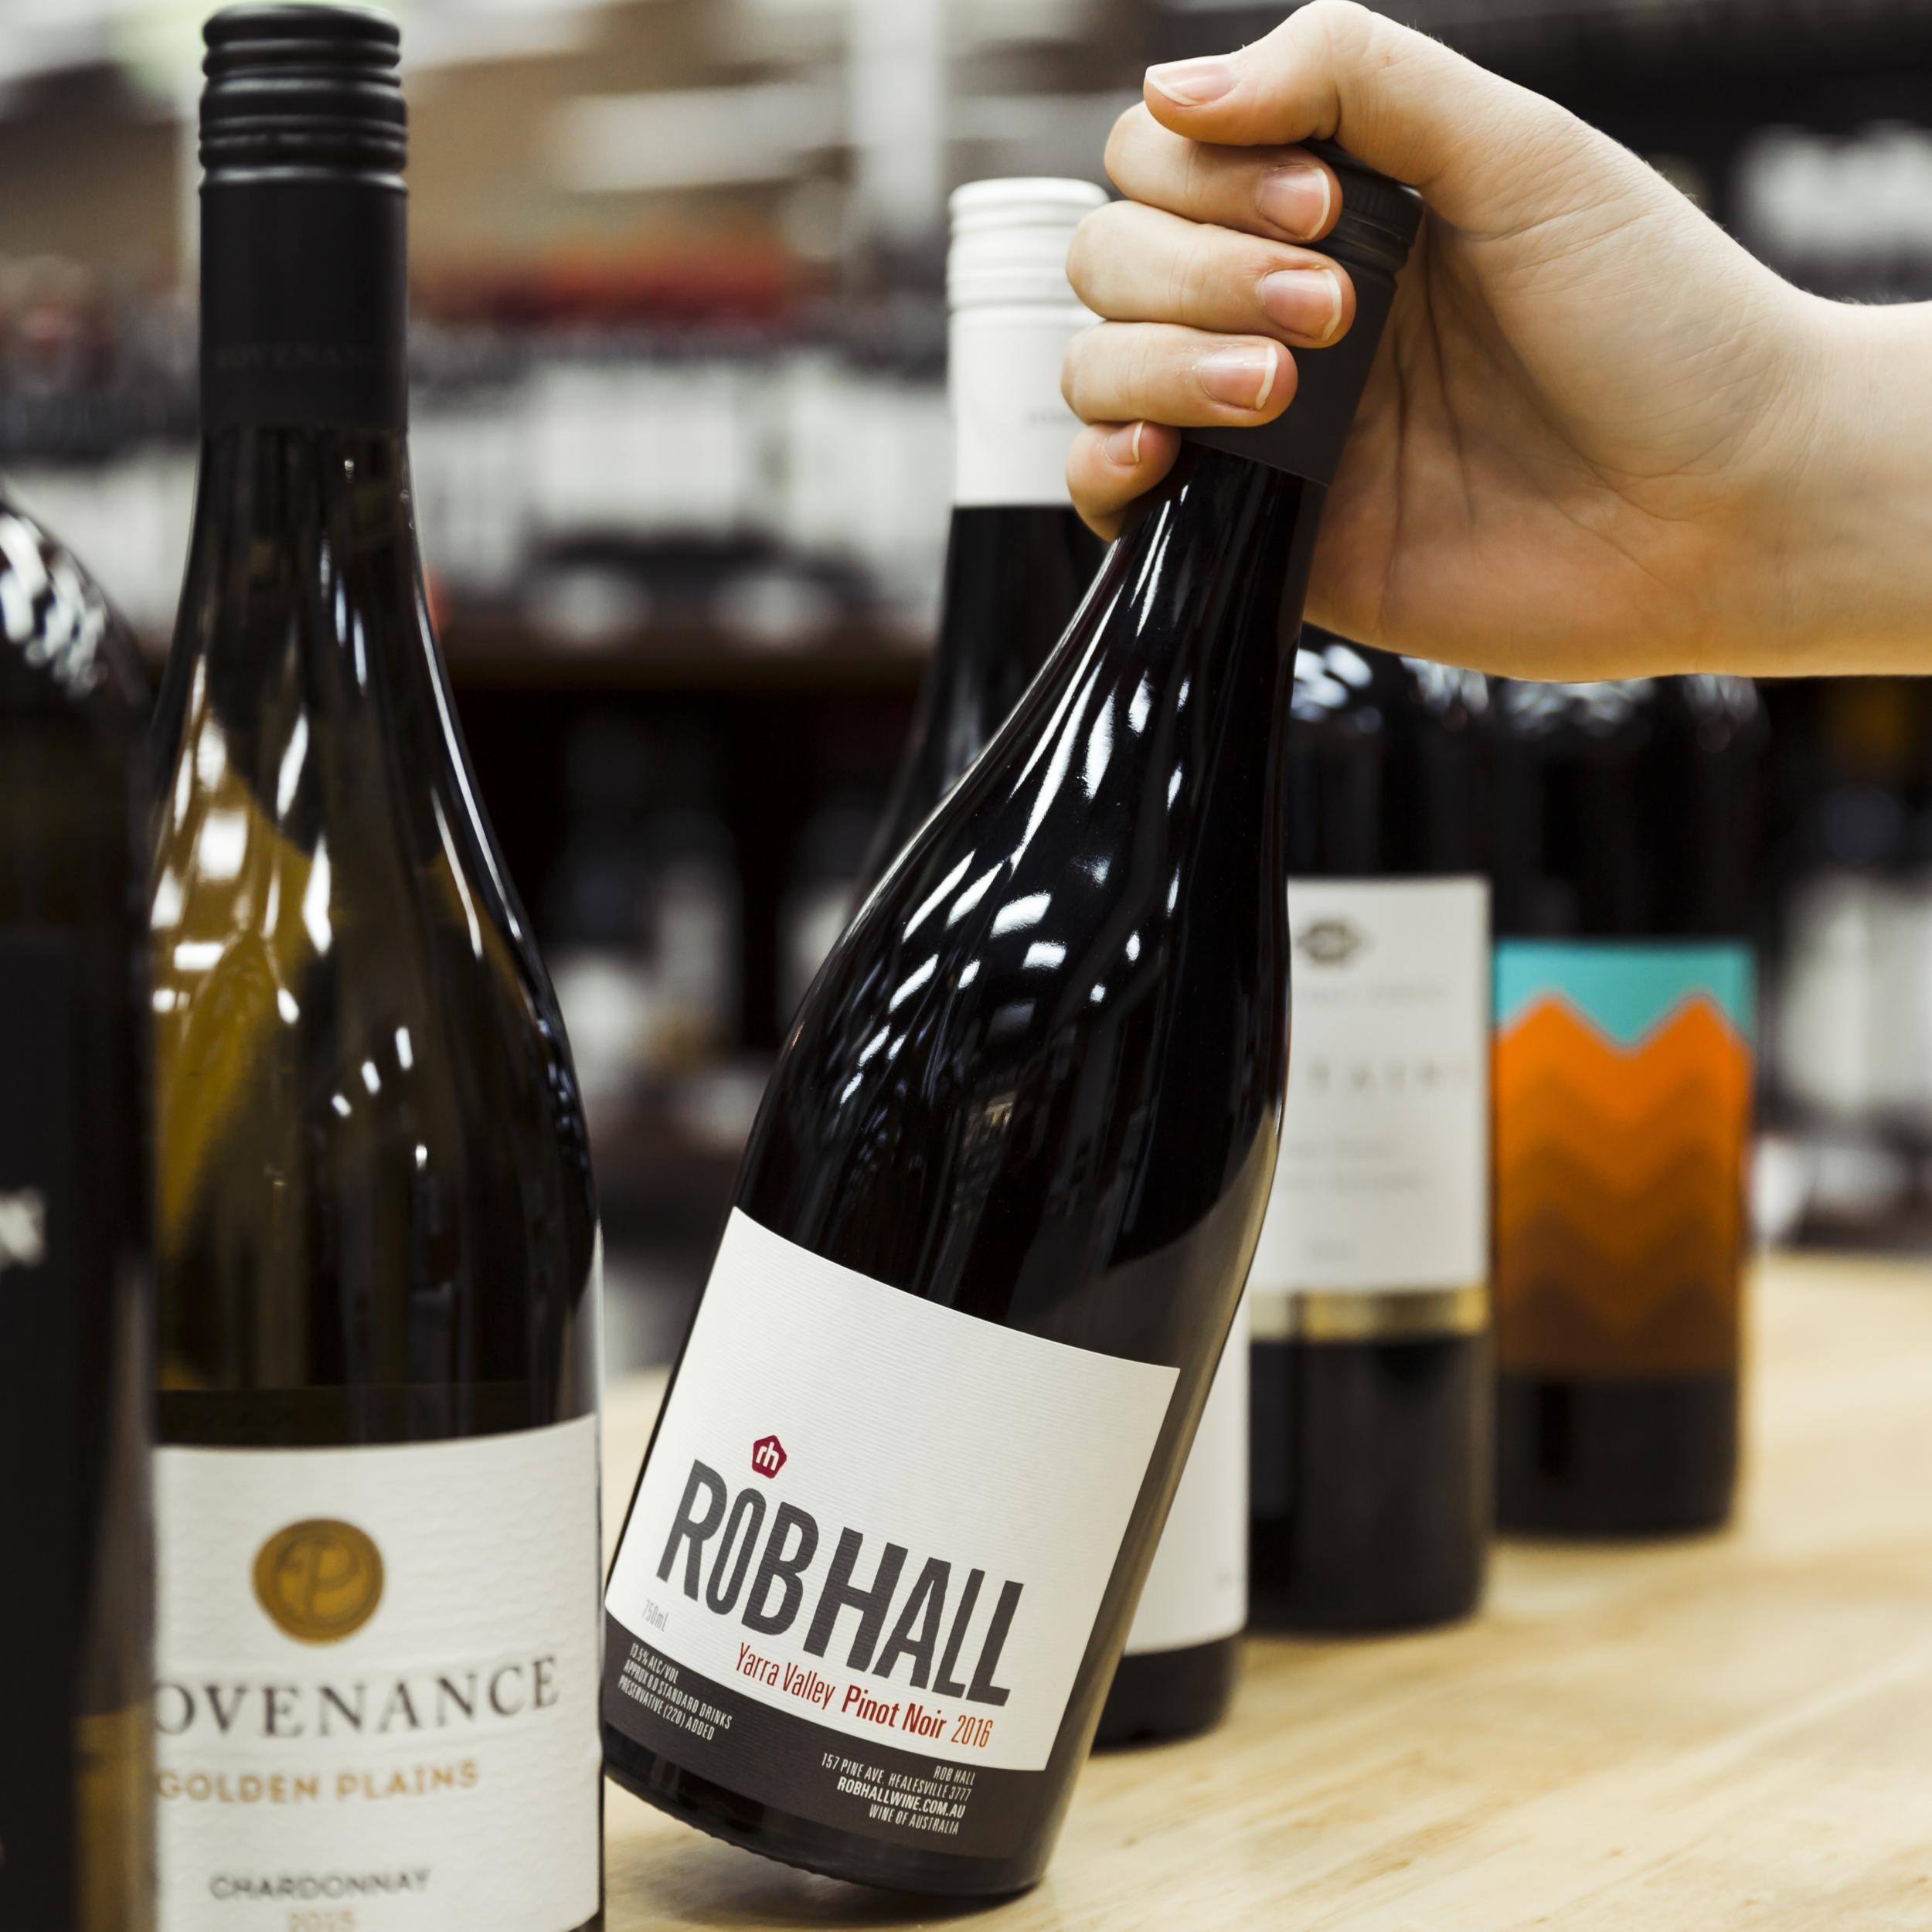 Rob Hall Pinot Noir.png